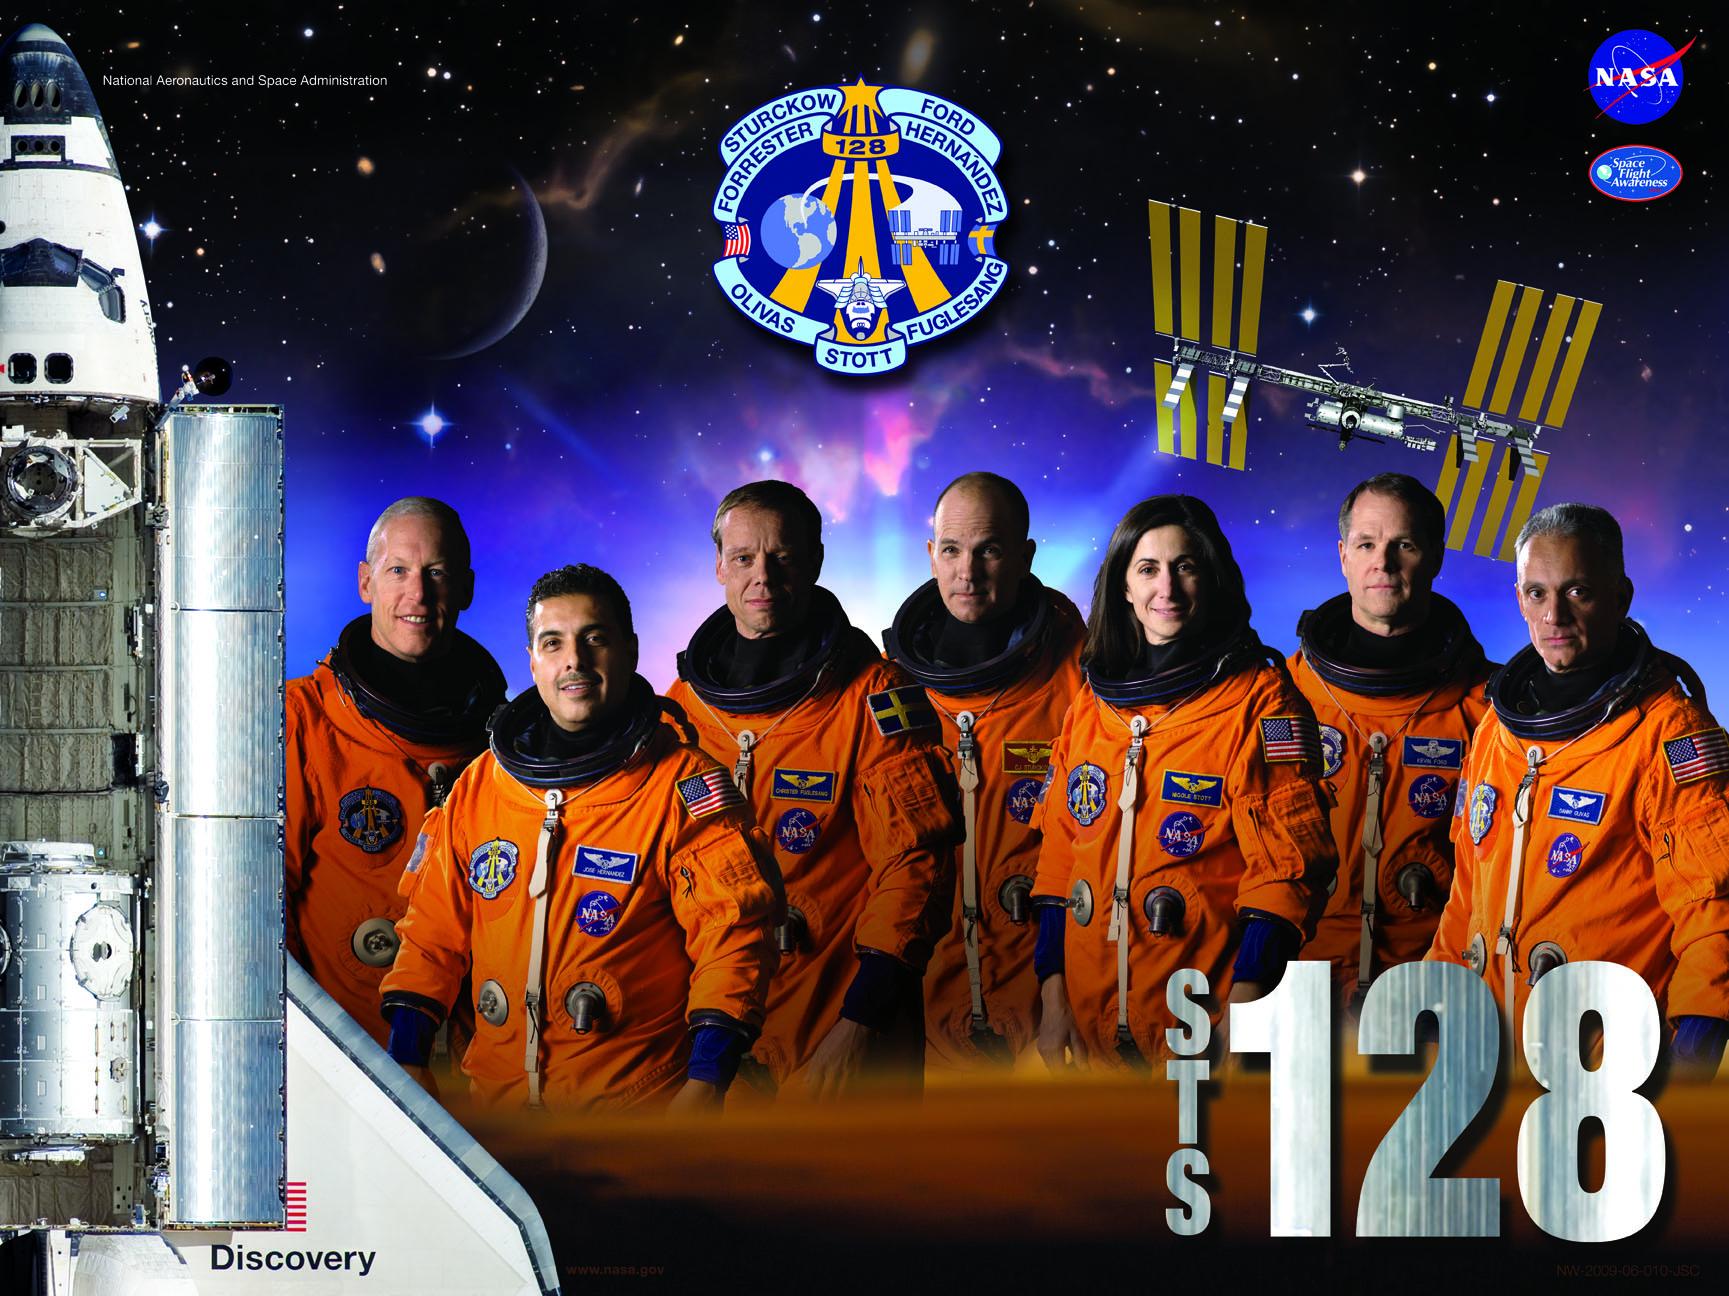 Astronaut_Hernandez_ISS_Crew